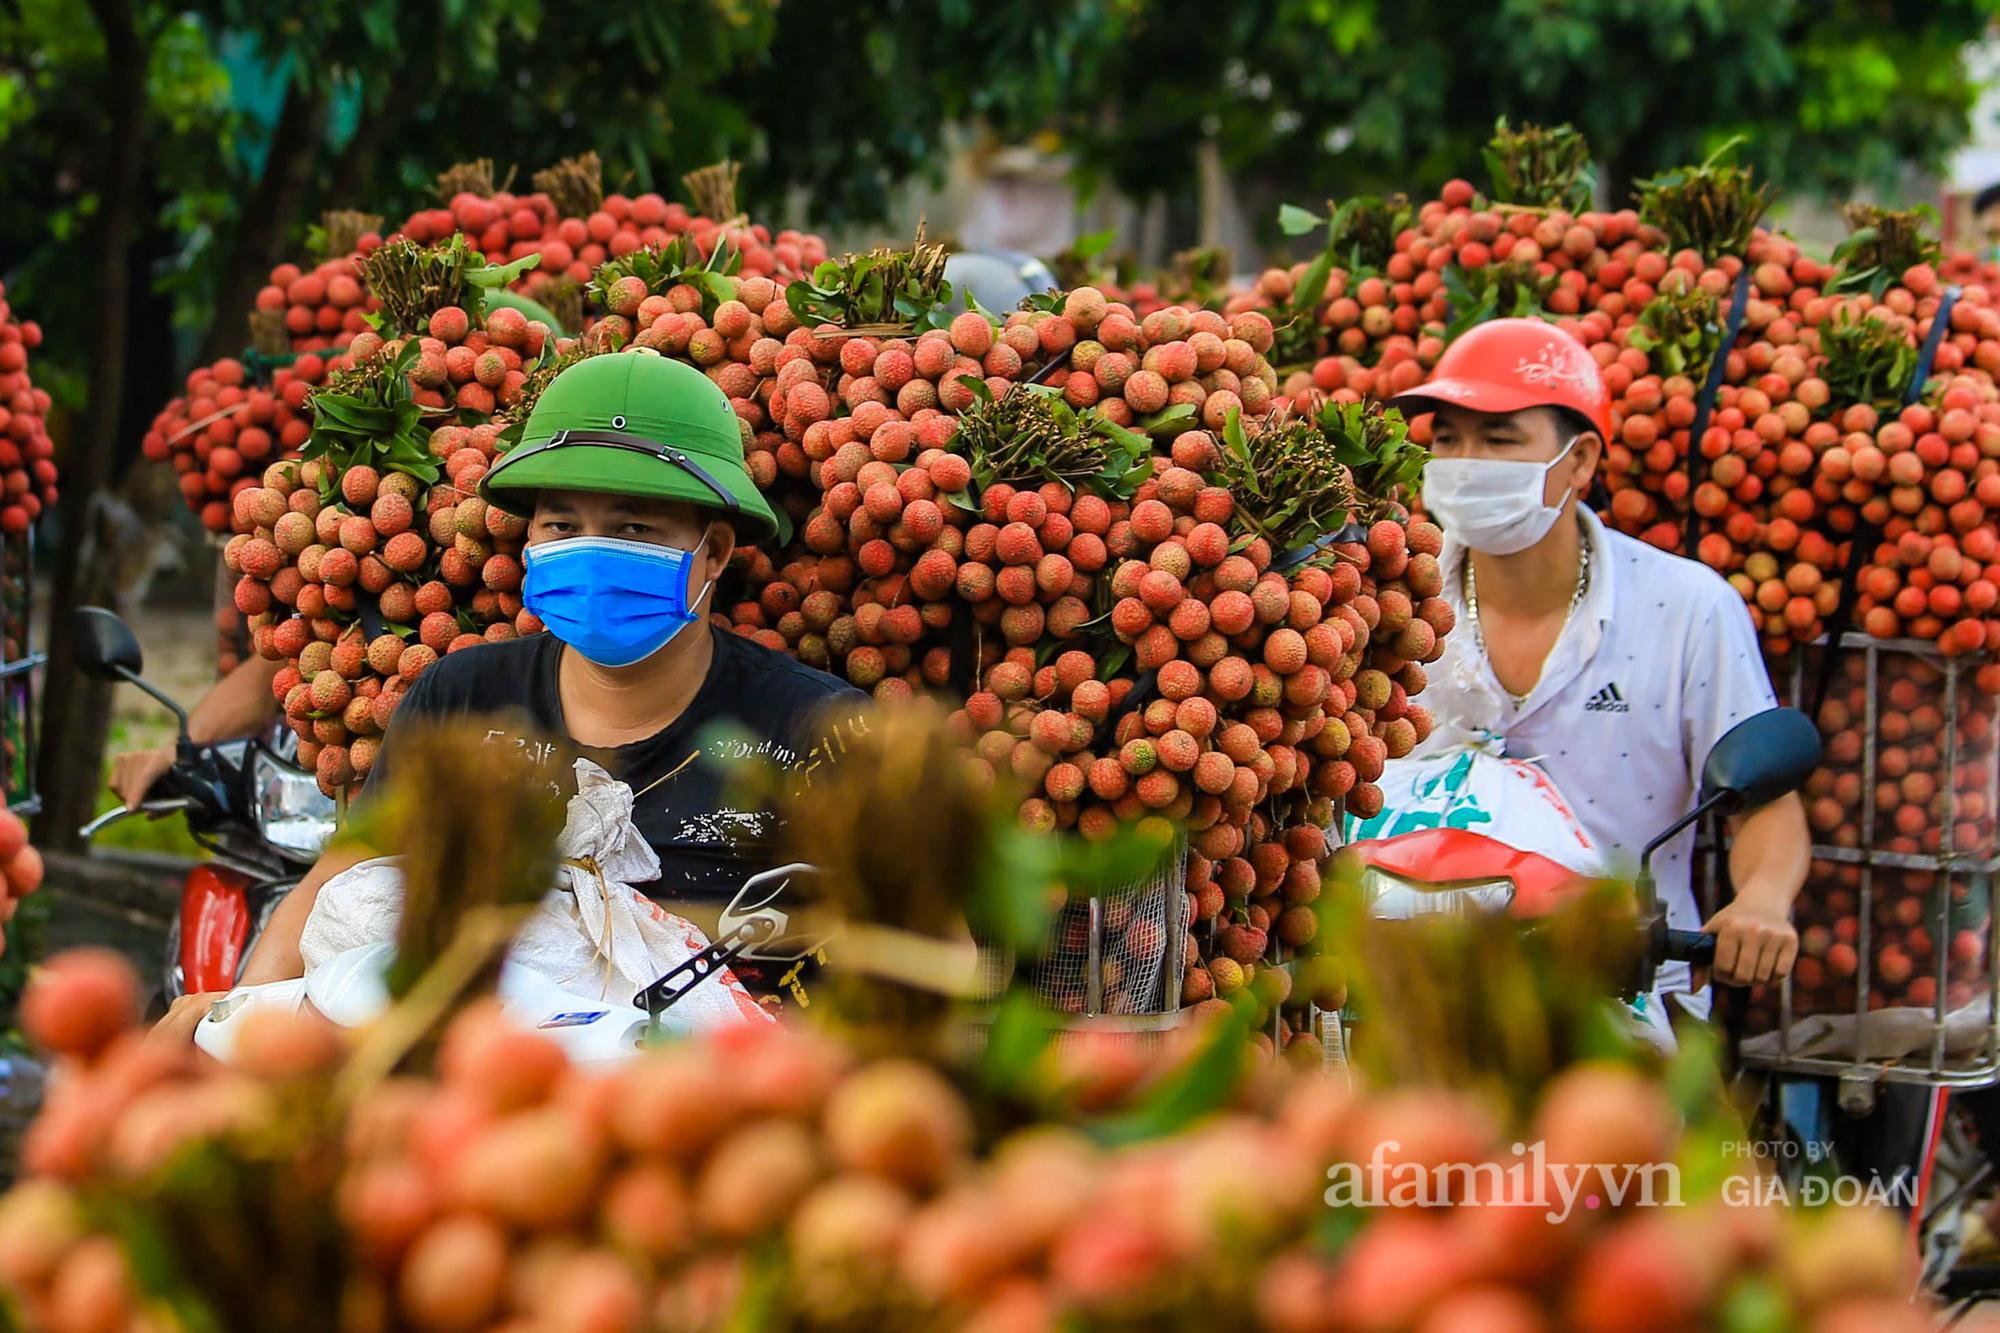 Chợ vải Bắc Giang nhộn nhịp vào mùa - Ảnh 4.